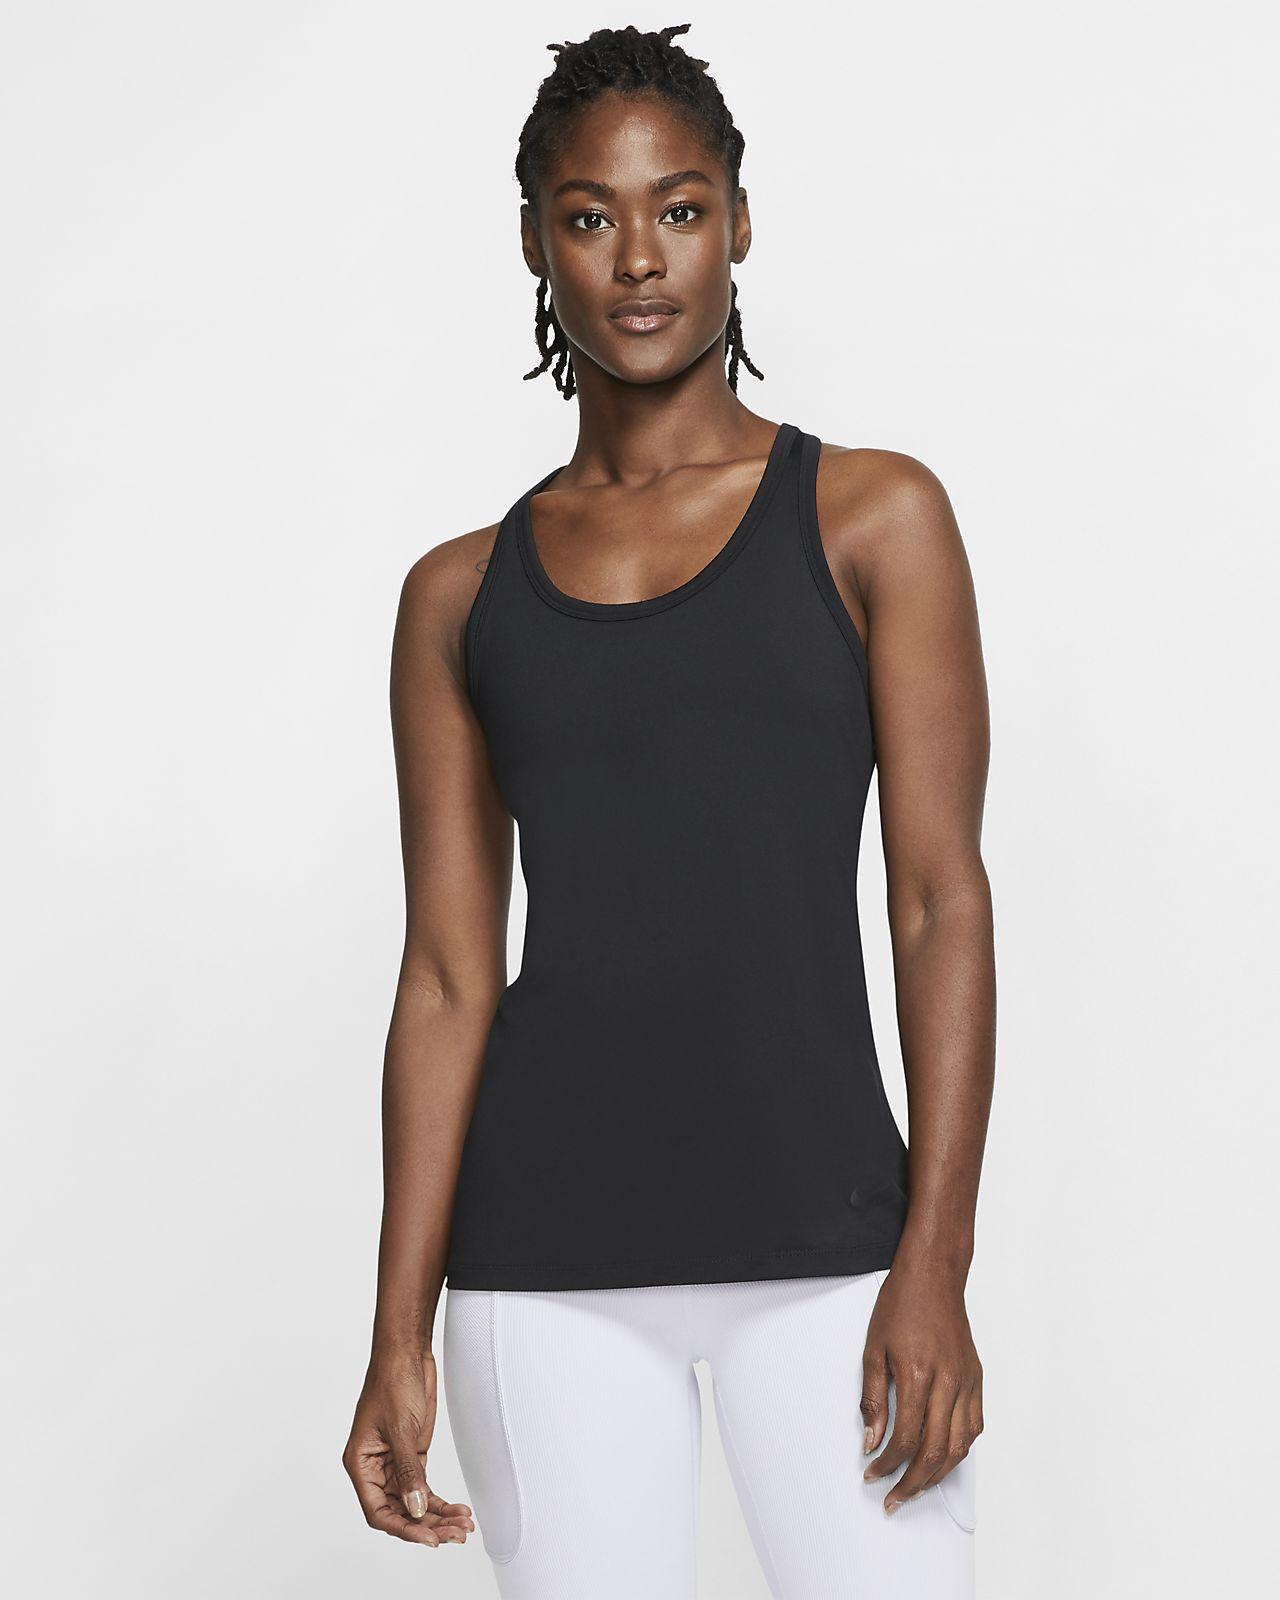 Женская майка для йоги Nike Get Fit